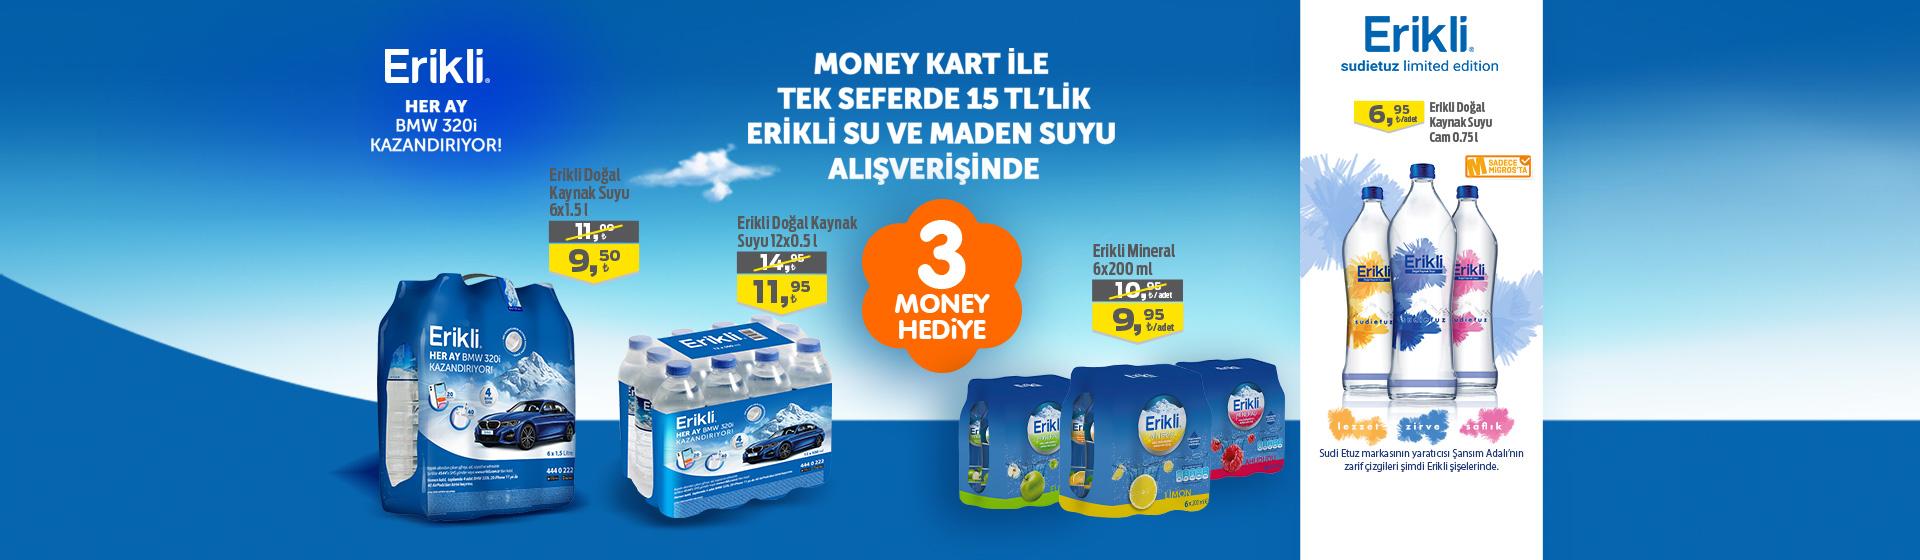 Erikli Money Kampanyası